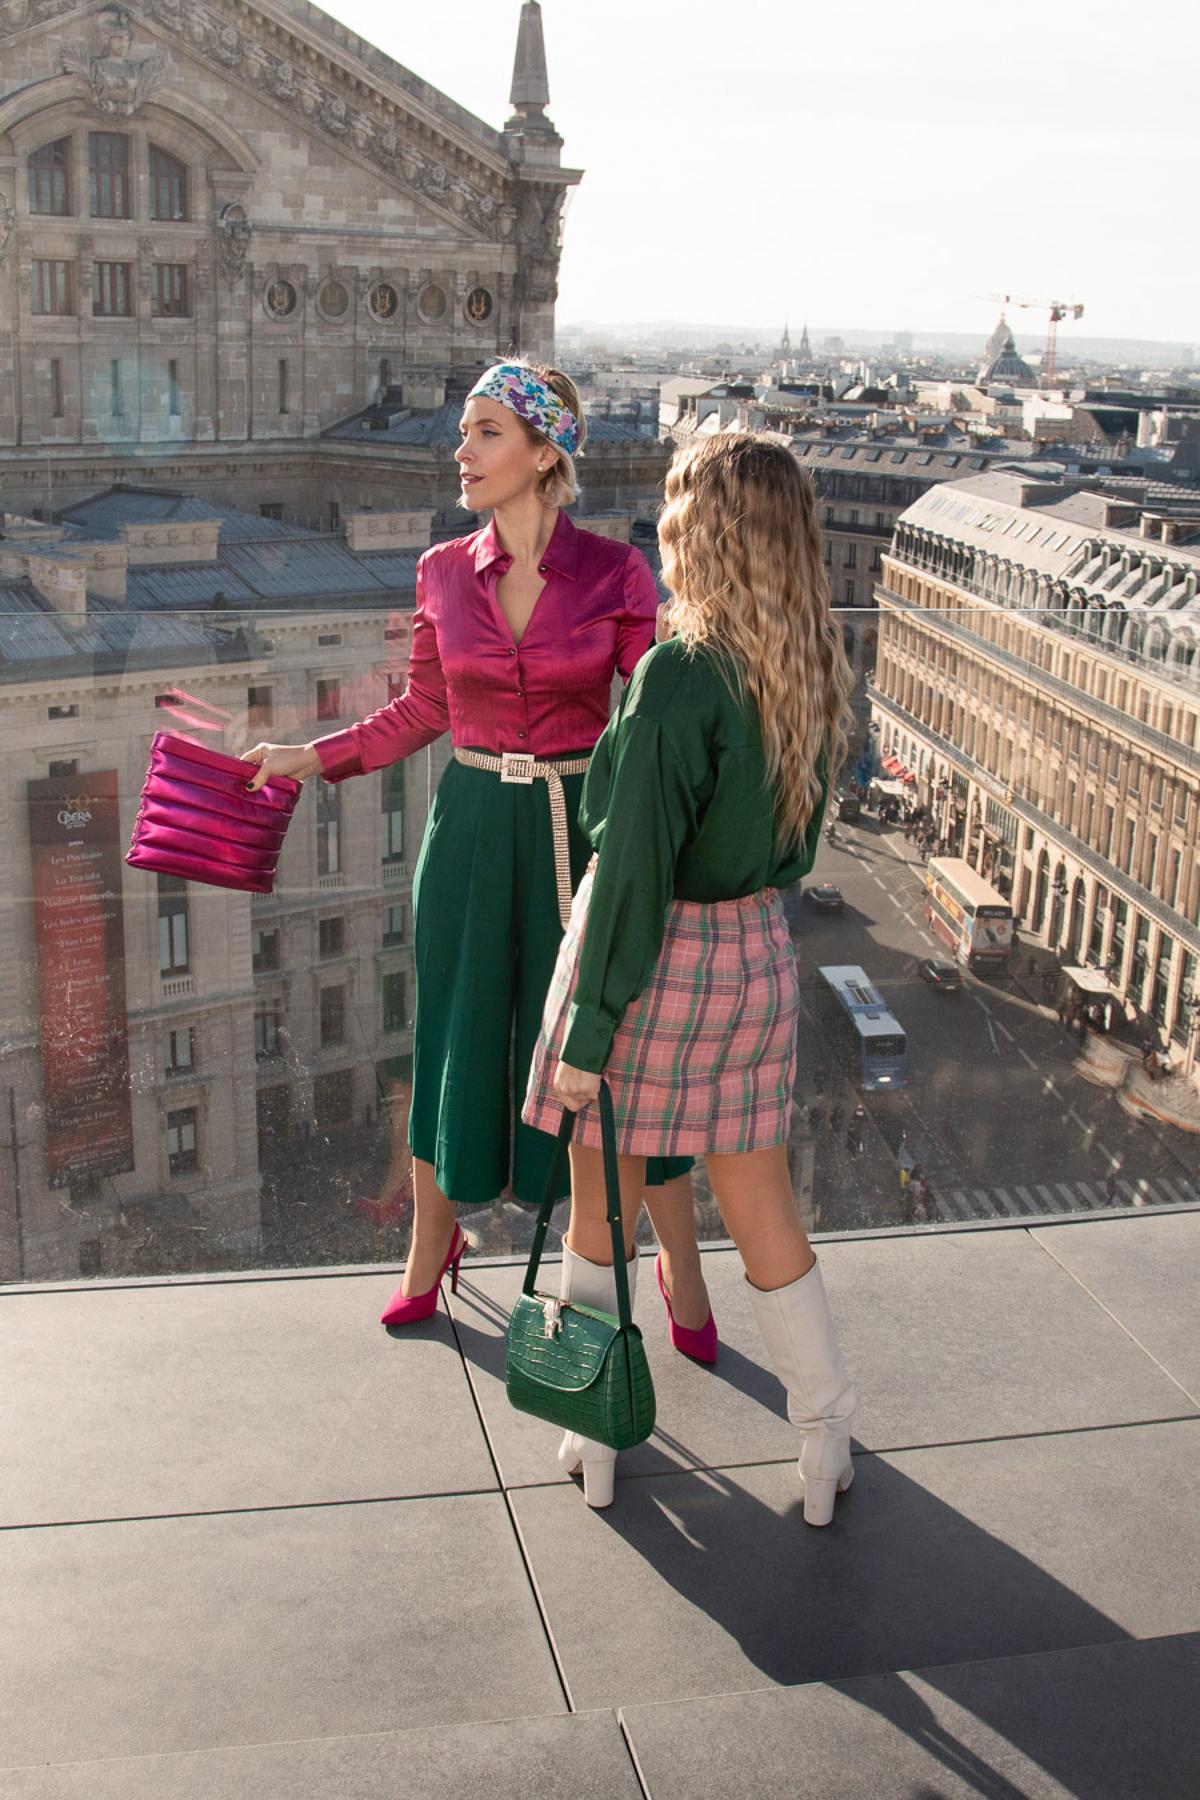 Comment porter le vert & rose ? Duo look avec «Soyons Élégantes» !